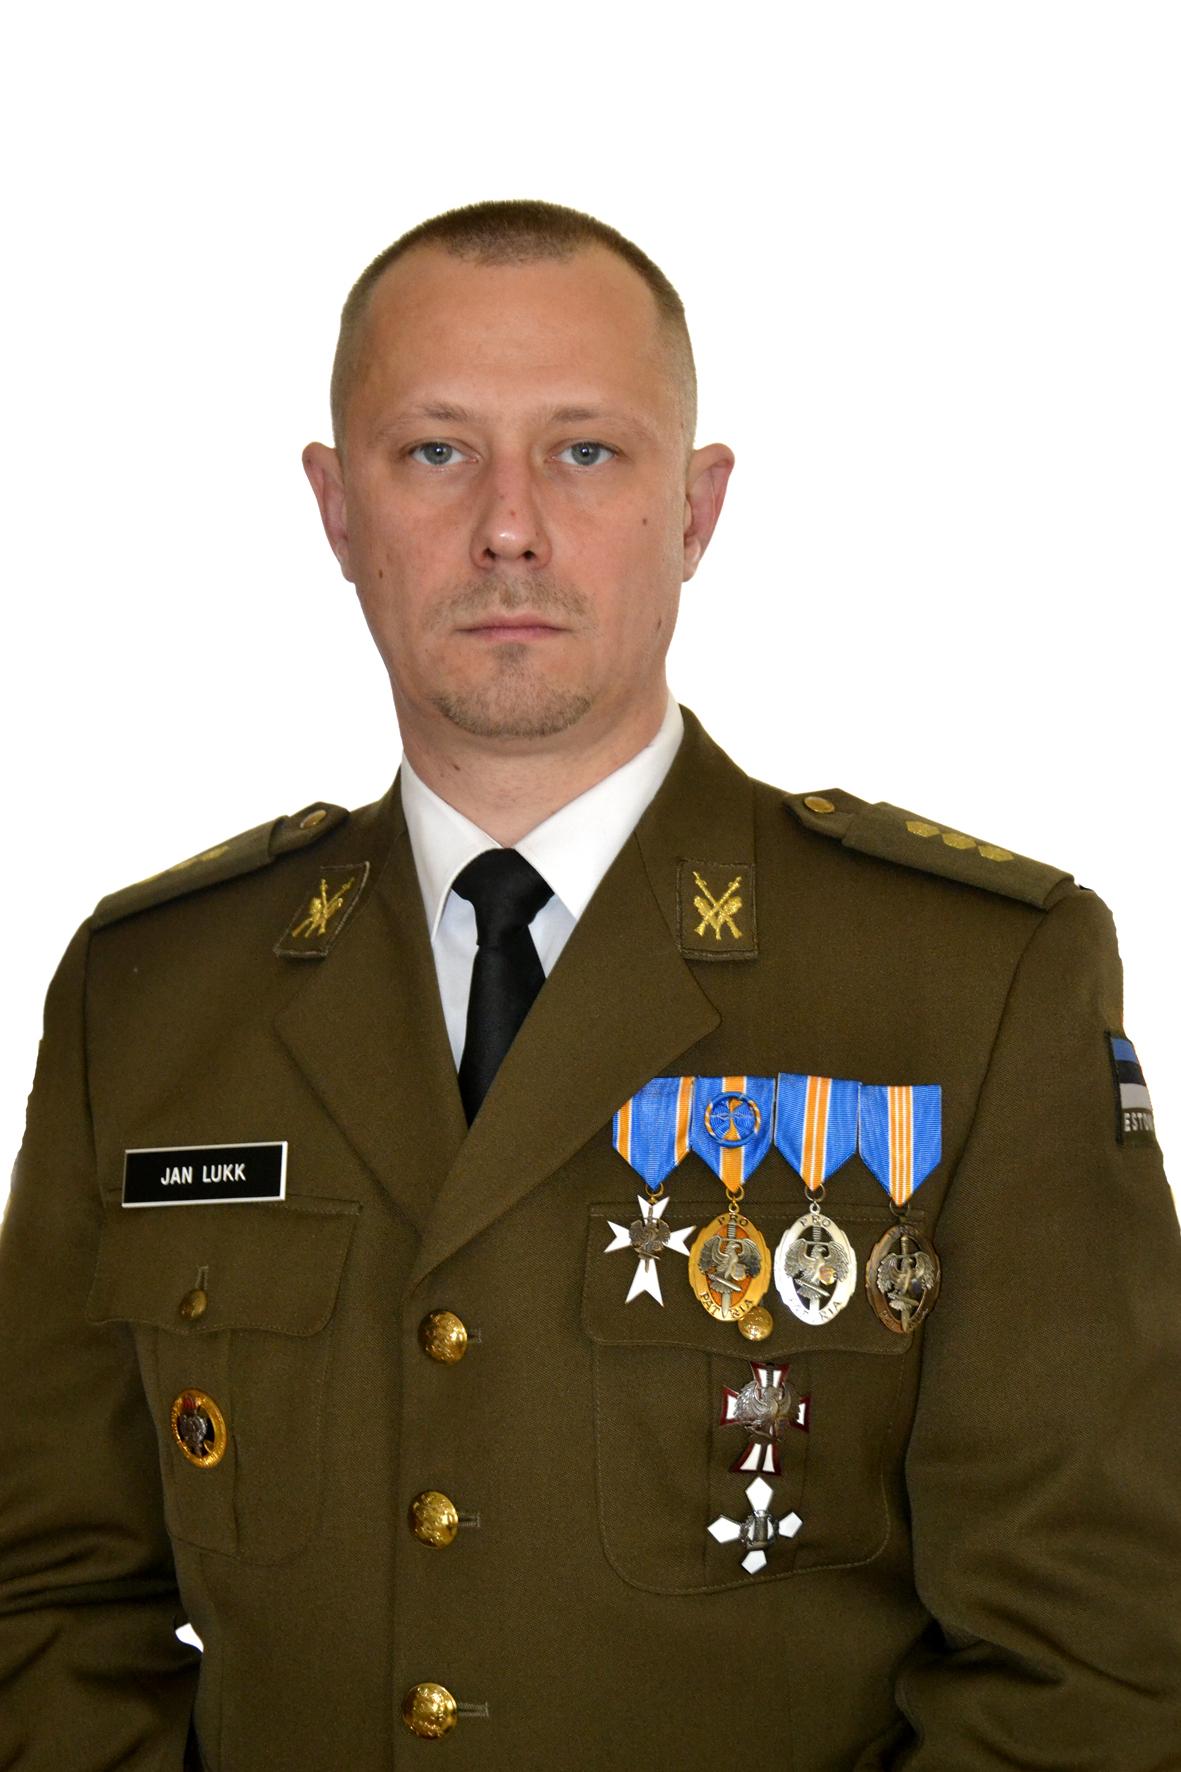 Jan Lukk